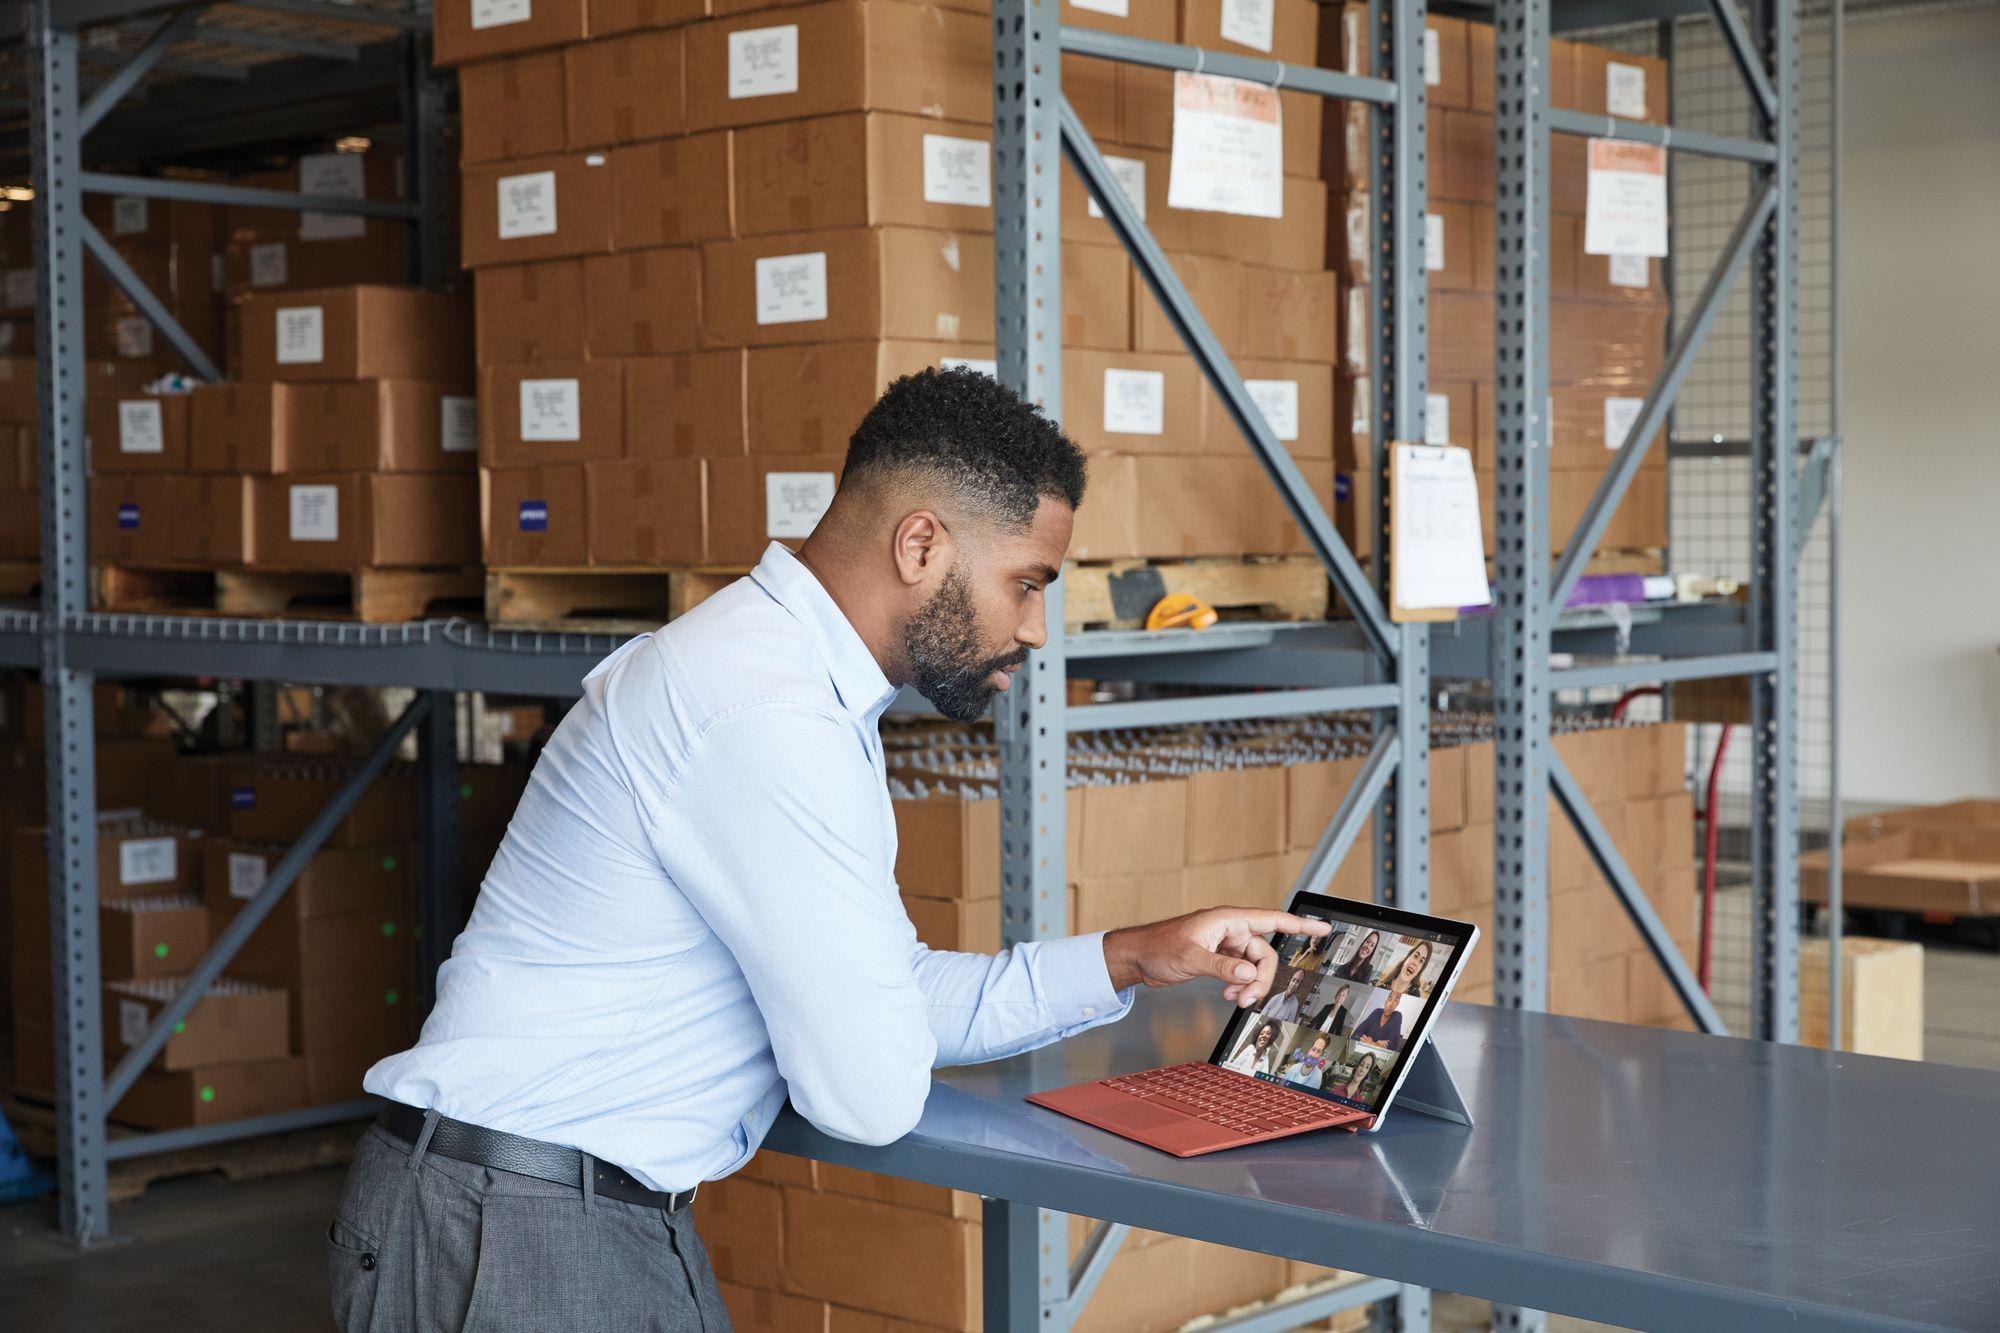 In einem Warenlager steht ein Mann an einem Tisch und schaut auf das Surface Pro 7 Plus im Laptop-Modus, auf dem eine Videokonferenz zu sehen ist